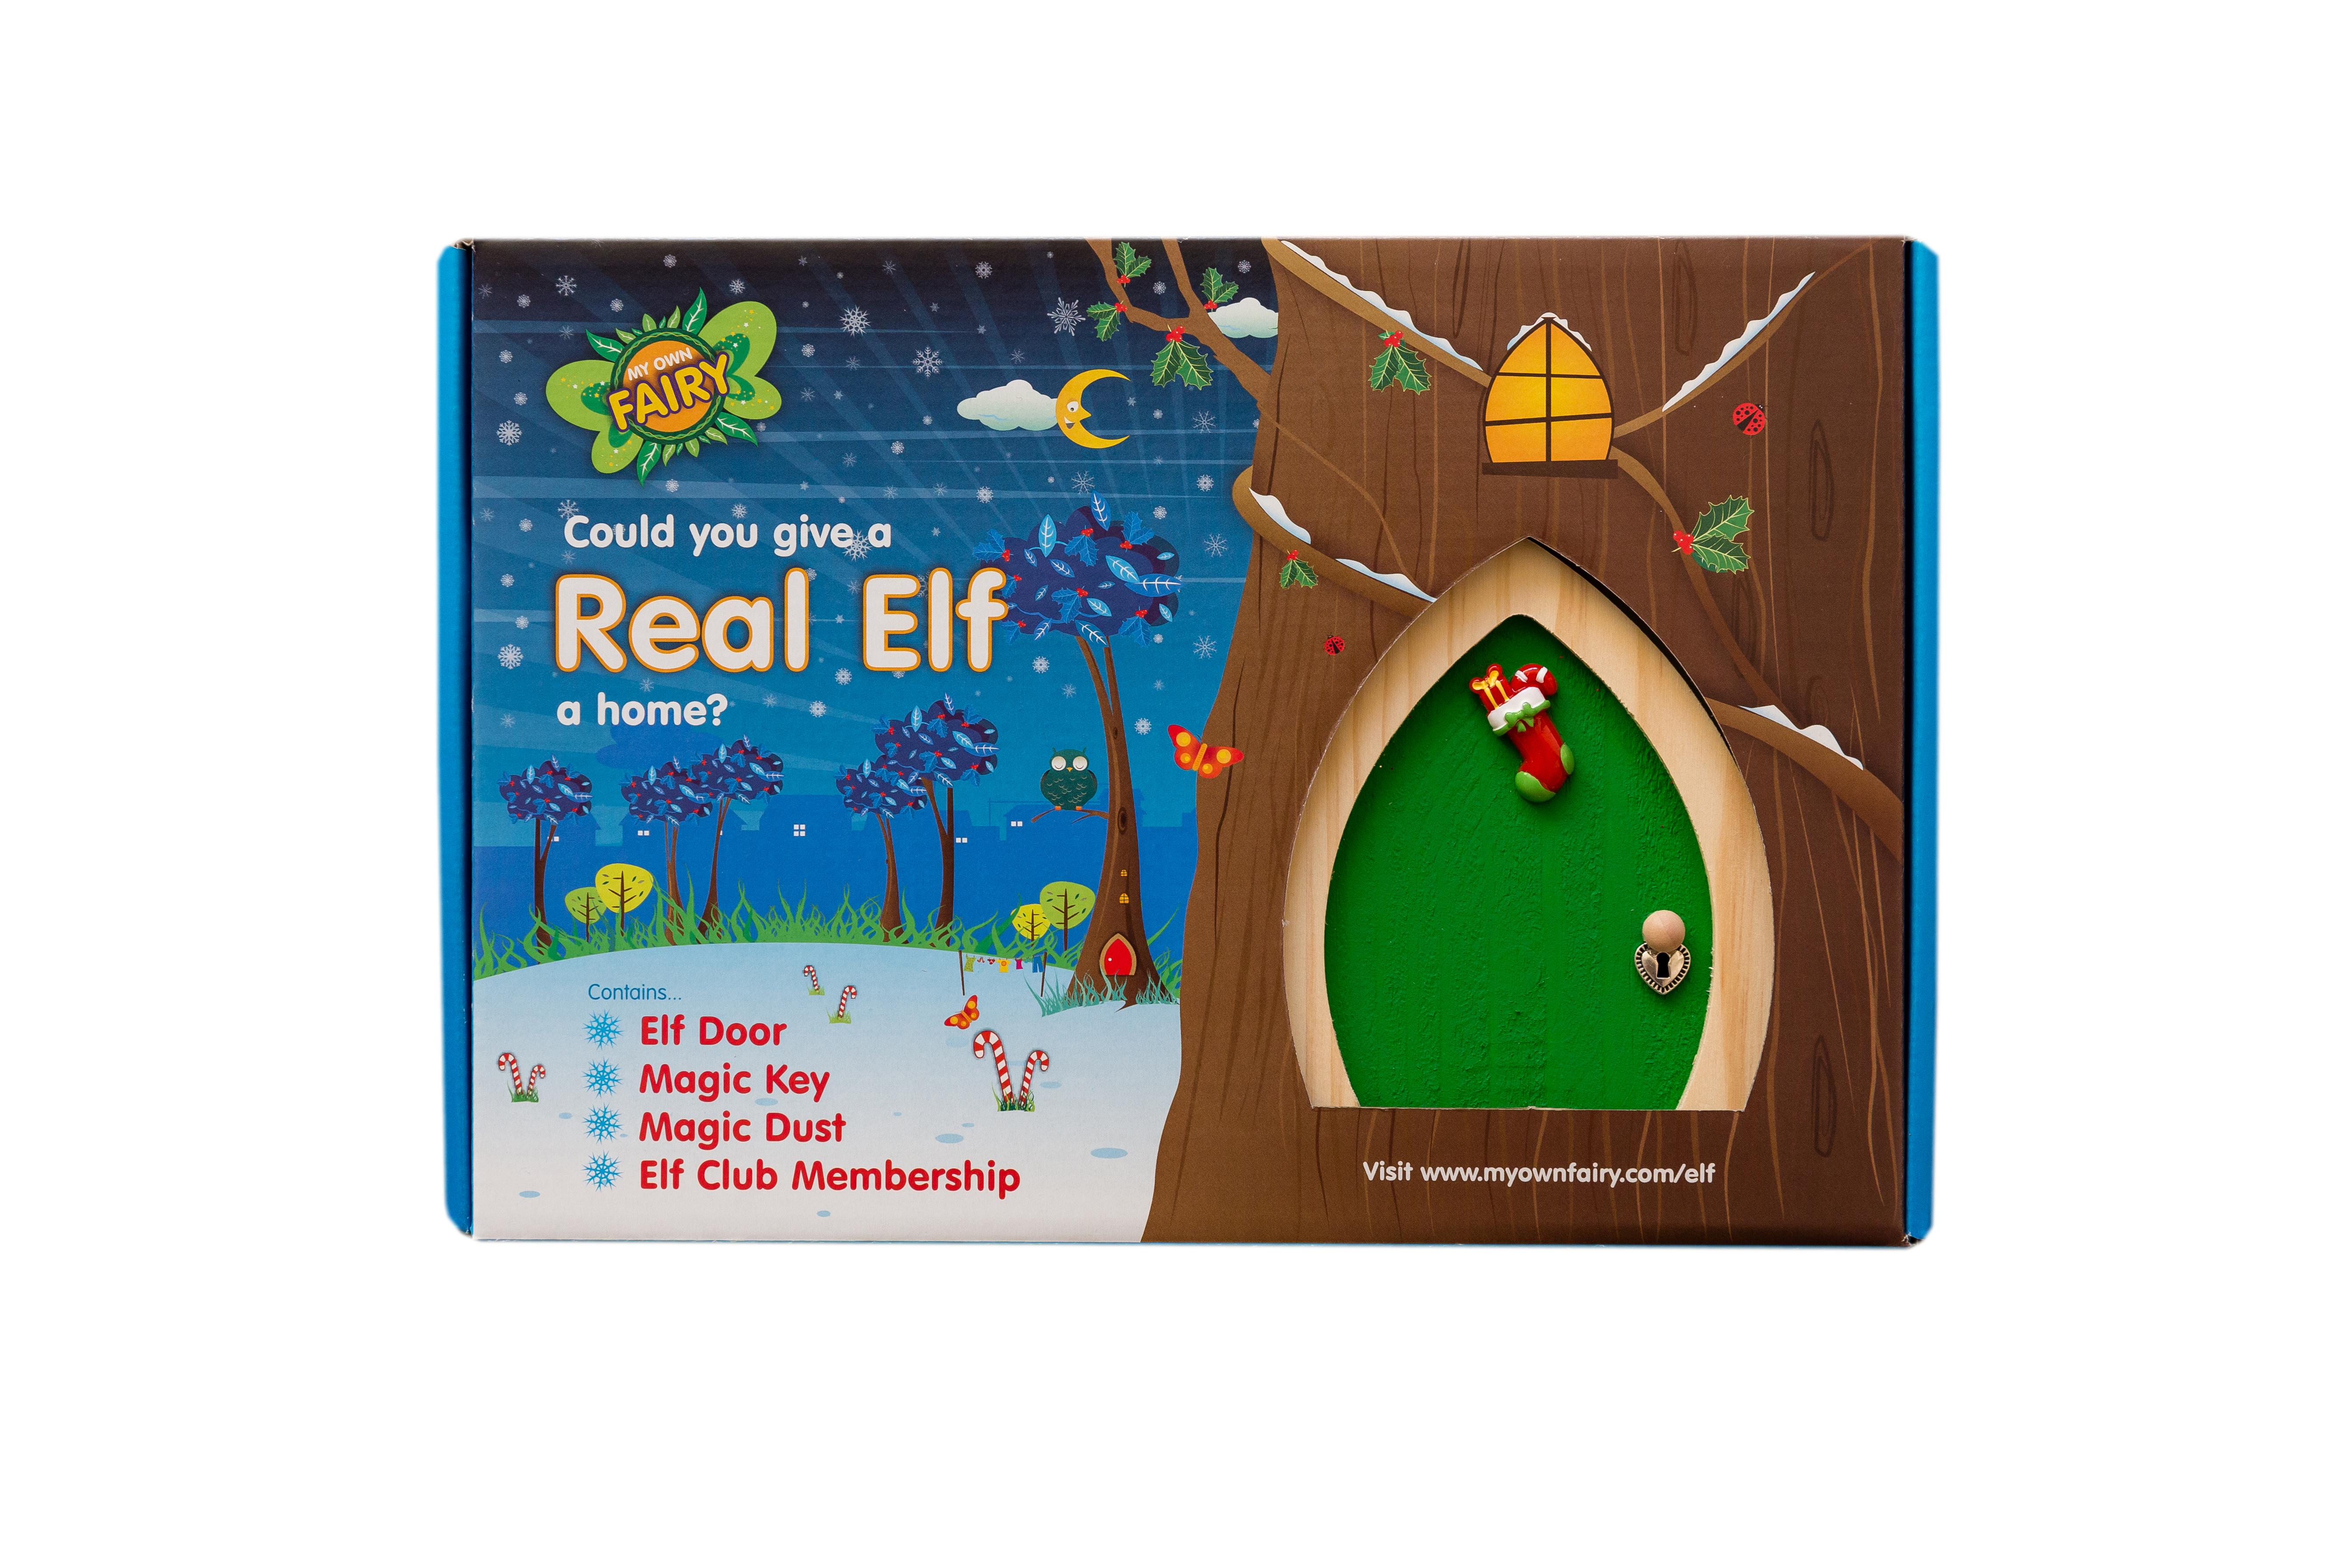 Green elf door for Elf door and elf